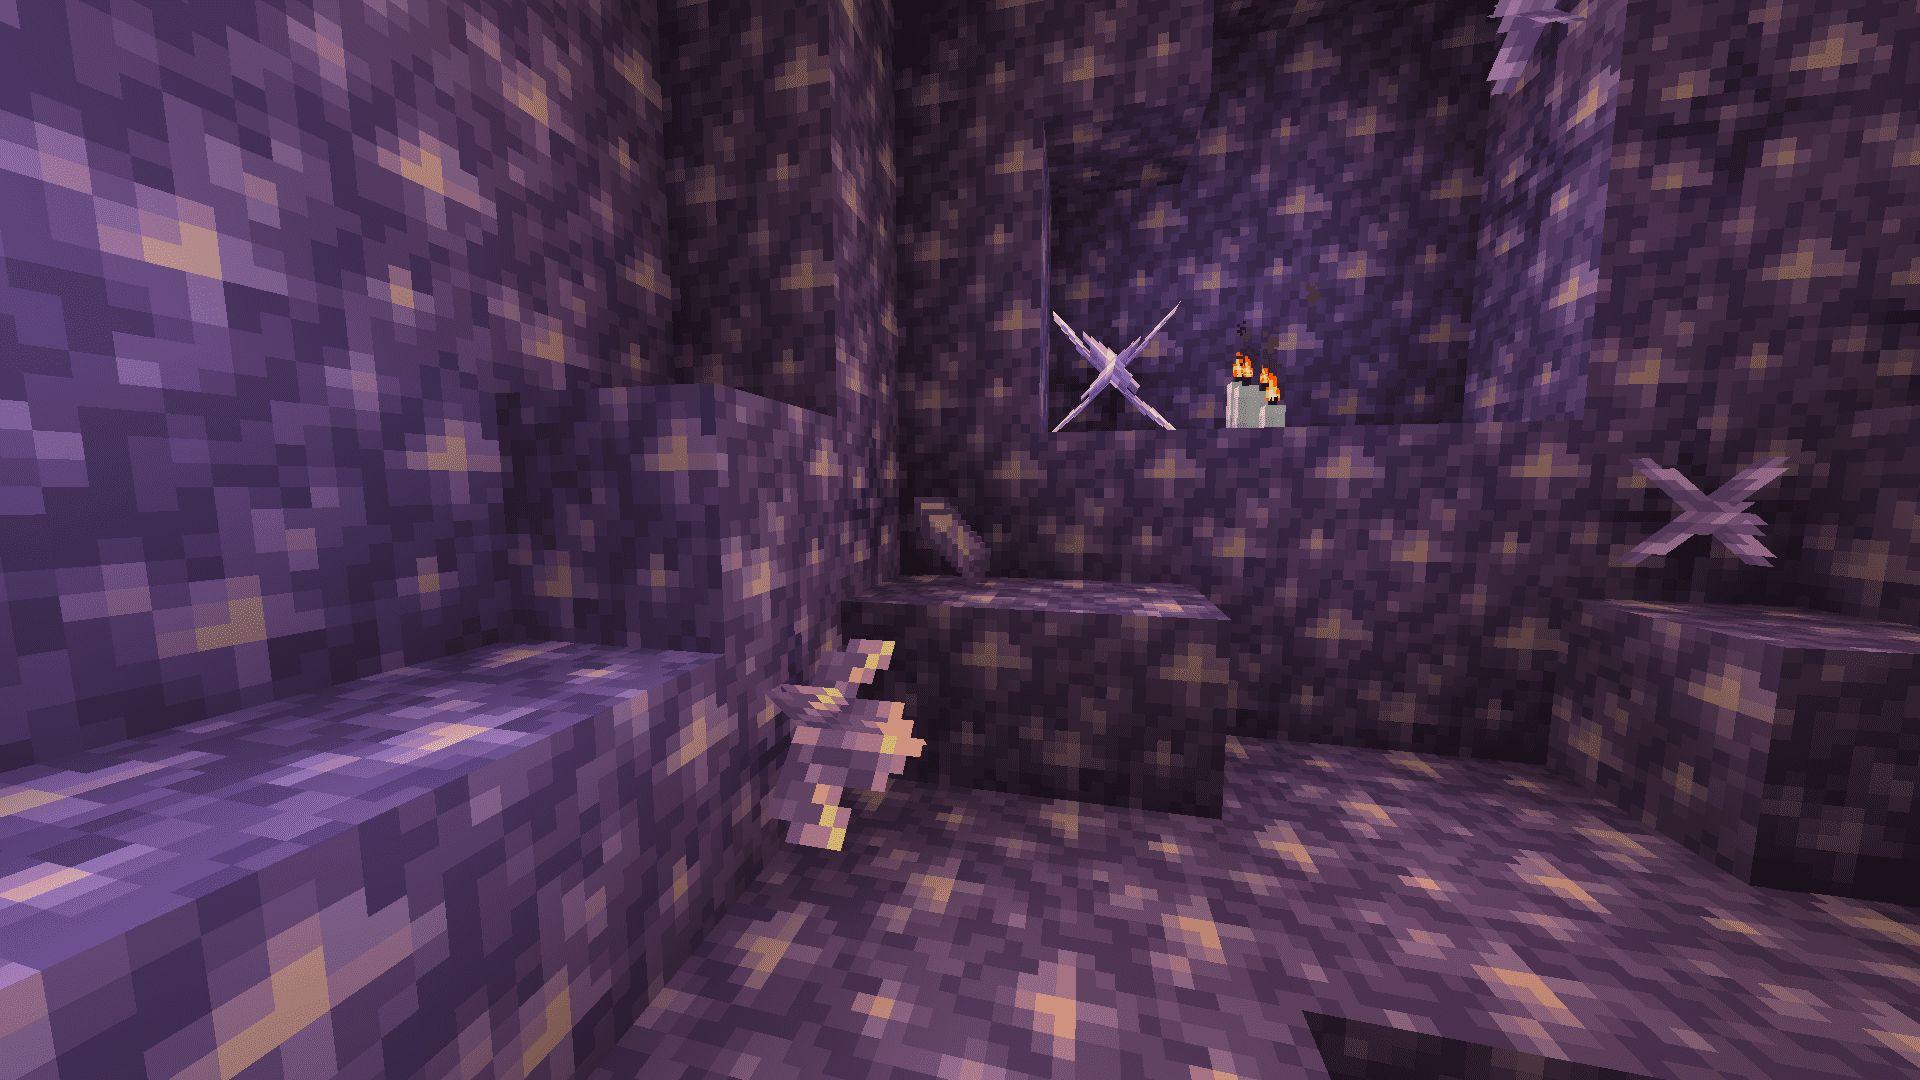 Geoda de amatista en Minecraft 1.17 con la Snapshot 20W45A